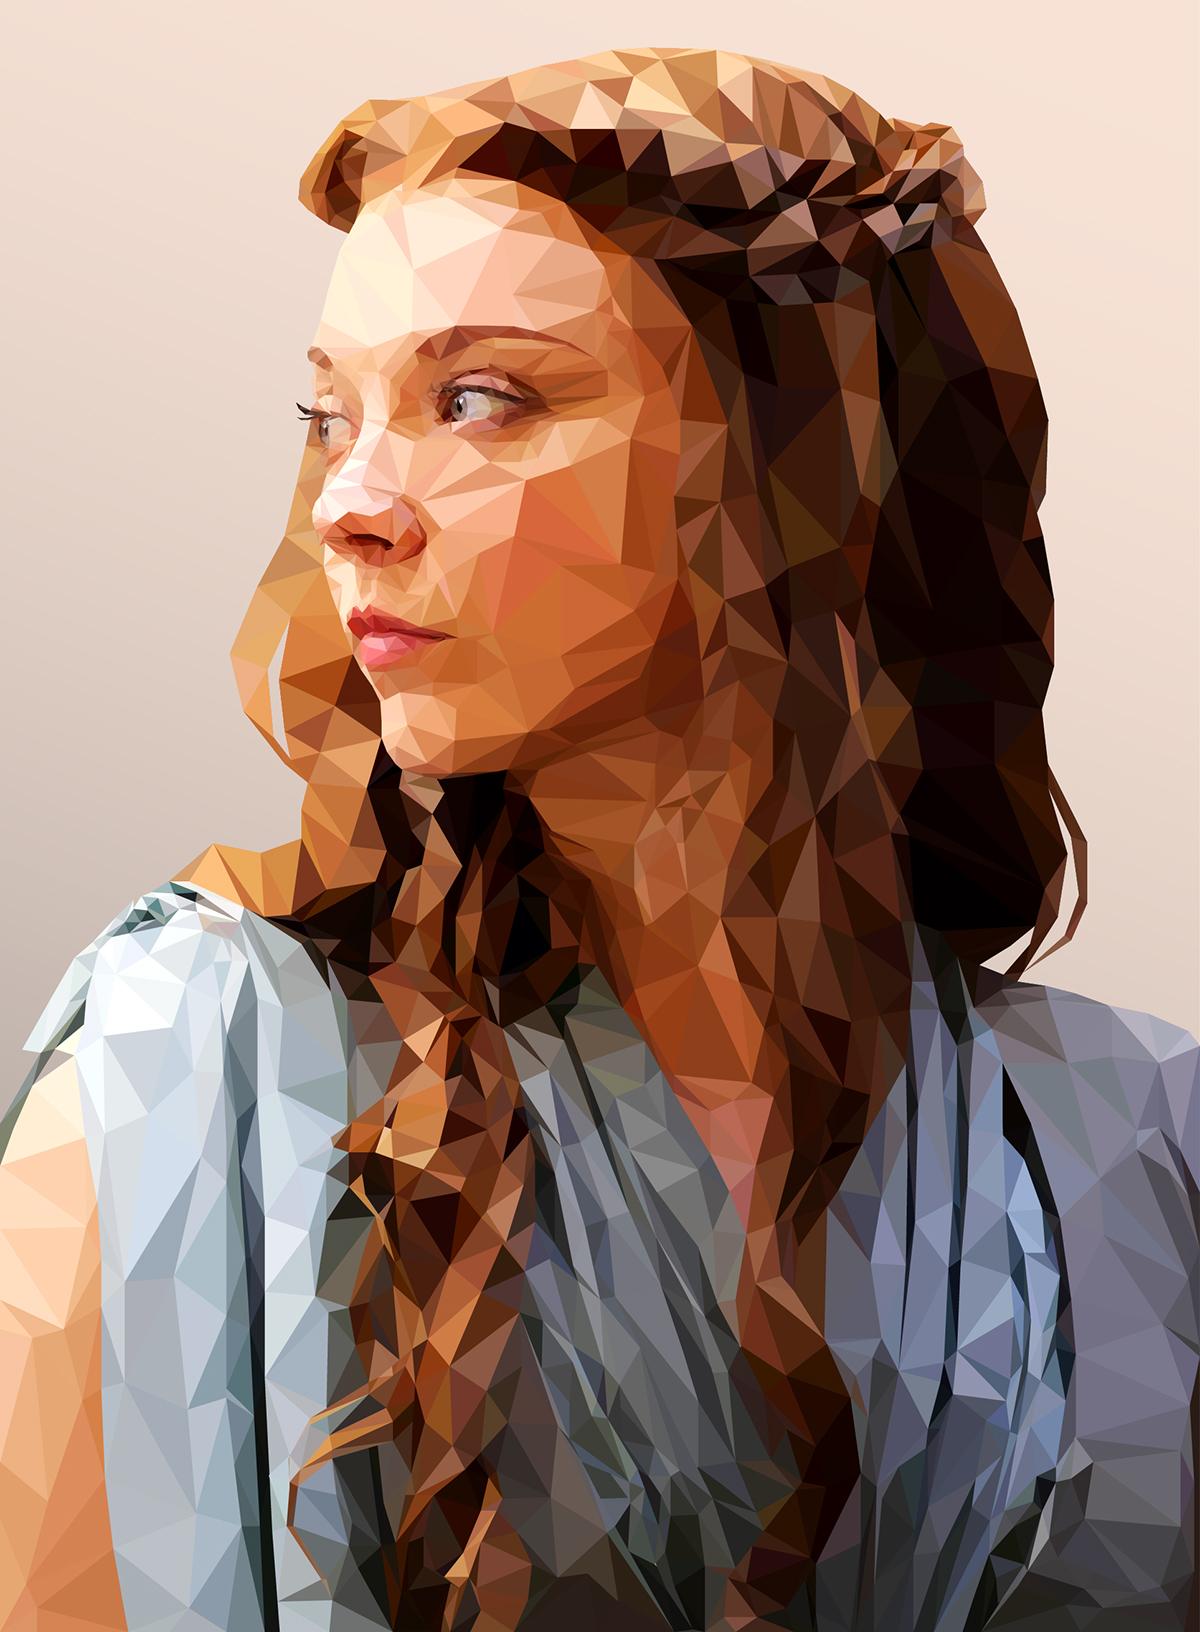 Цифровой портрет по фото как сделать самому